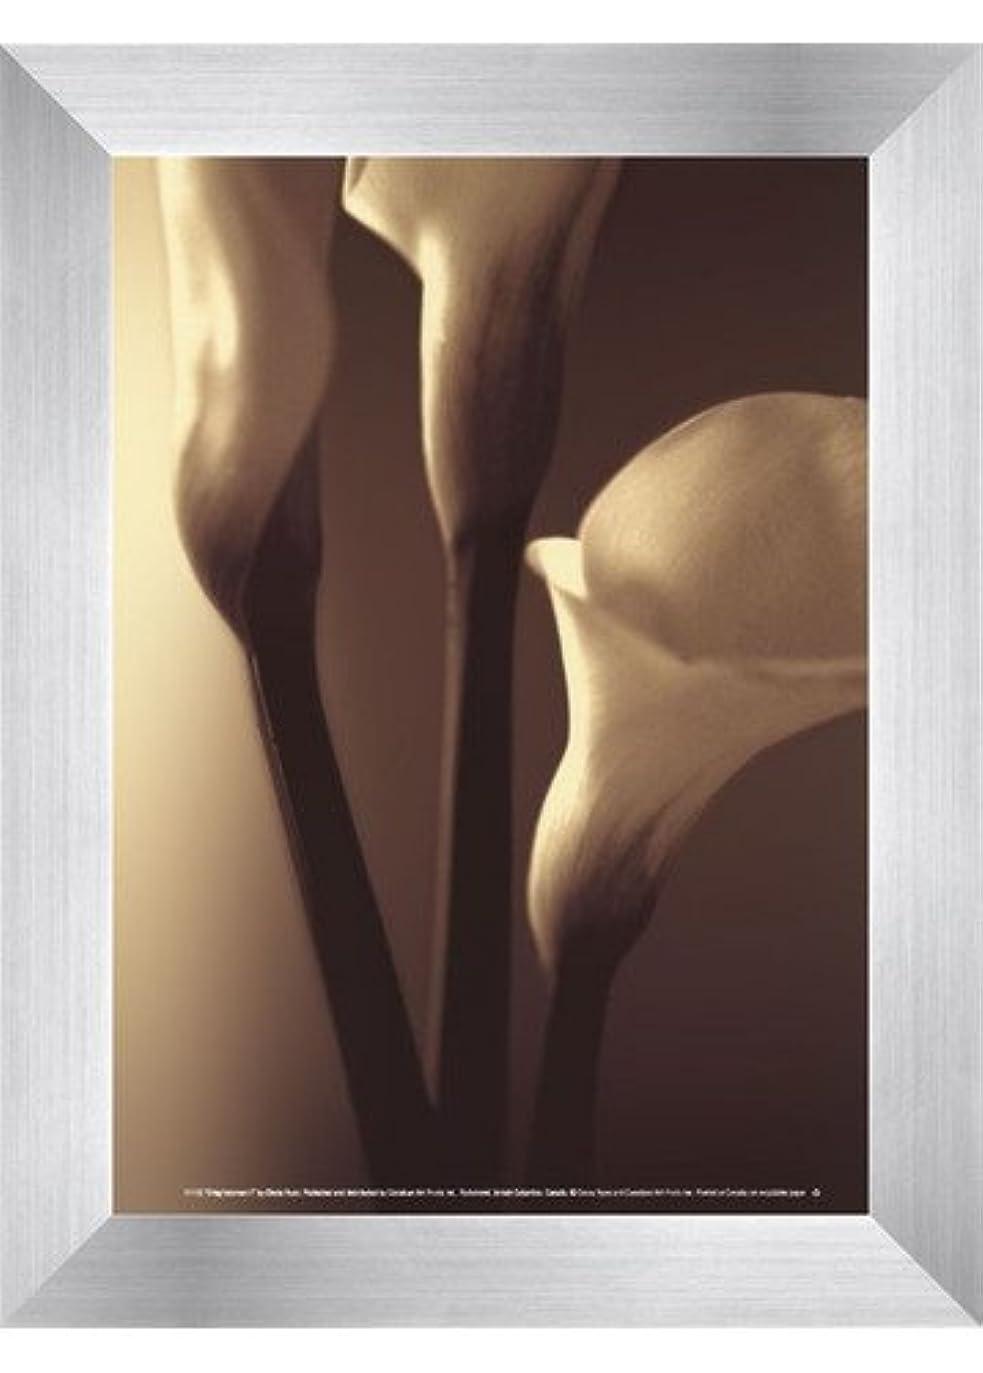 不足タイル冷凍庫Enlightenment I by Cinzia Ryan – 5 x 7インチ – アートプリントポスター LE_194815-F9935-5x7